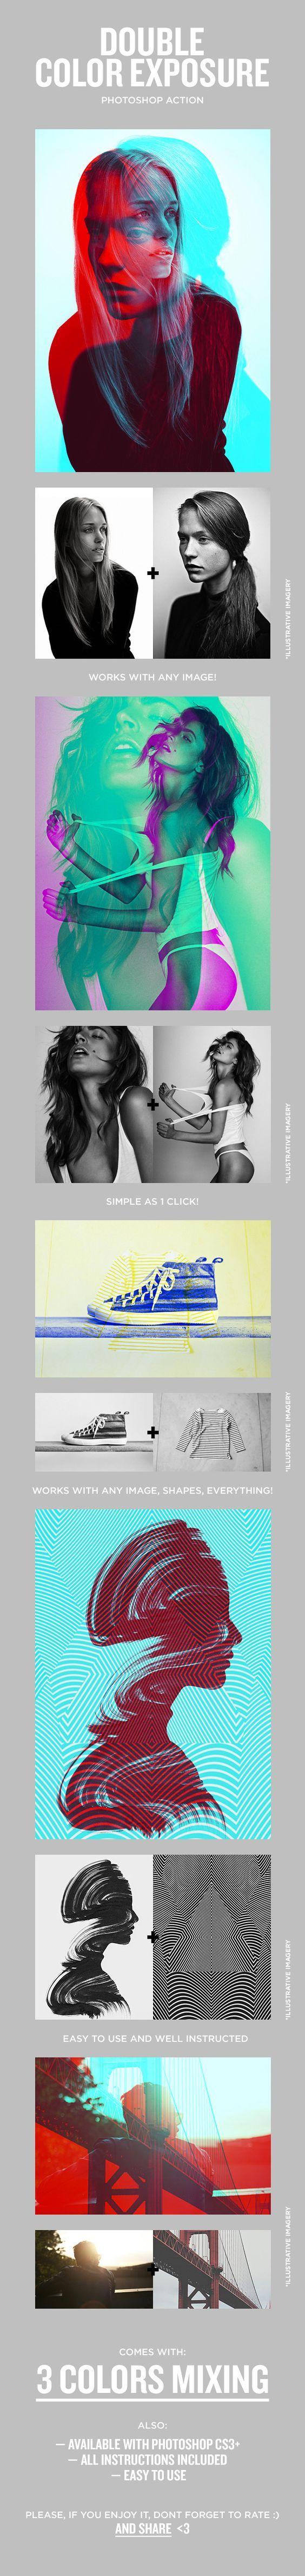 Double Color Exposure Photoshop Action #photoeffect Download: http://graphicriver.net/item/double-color-exposure/11709694?ref=ksioks: